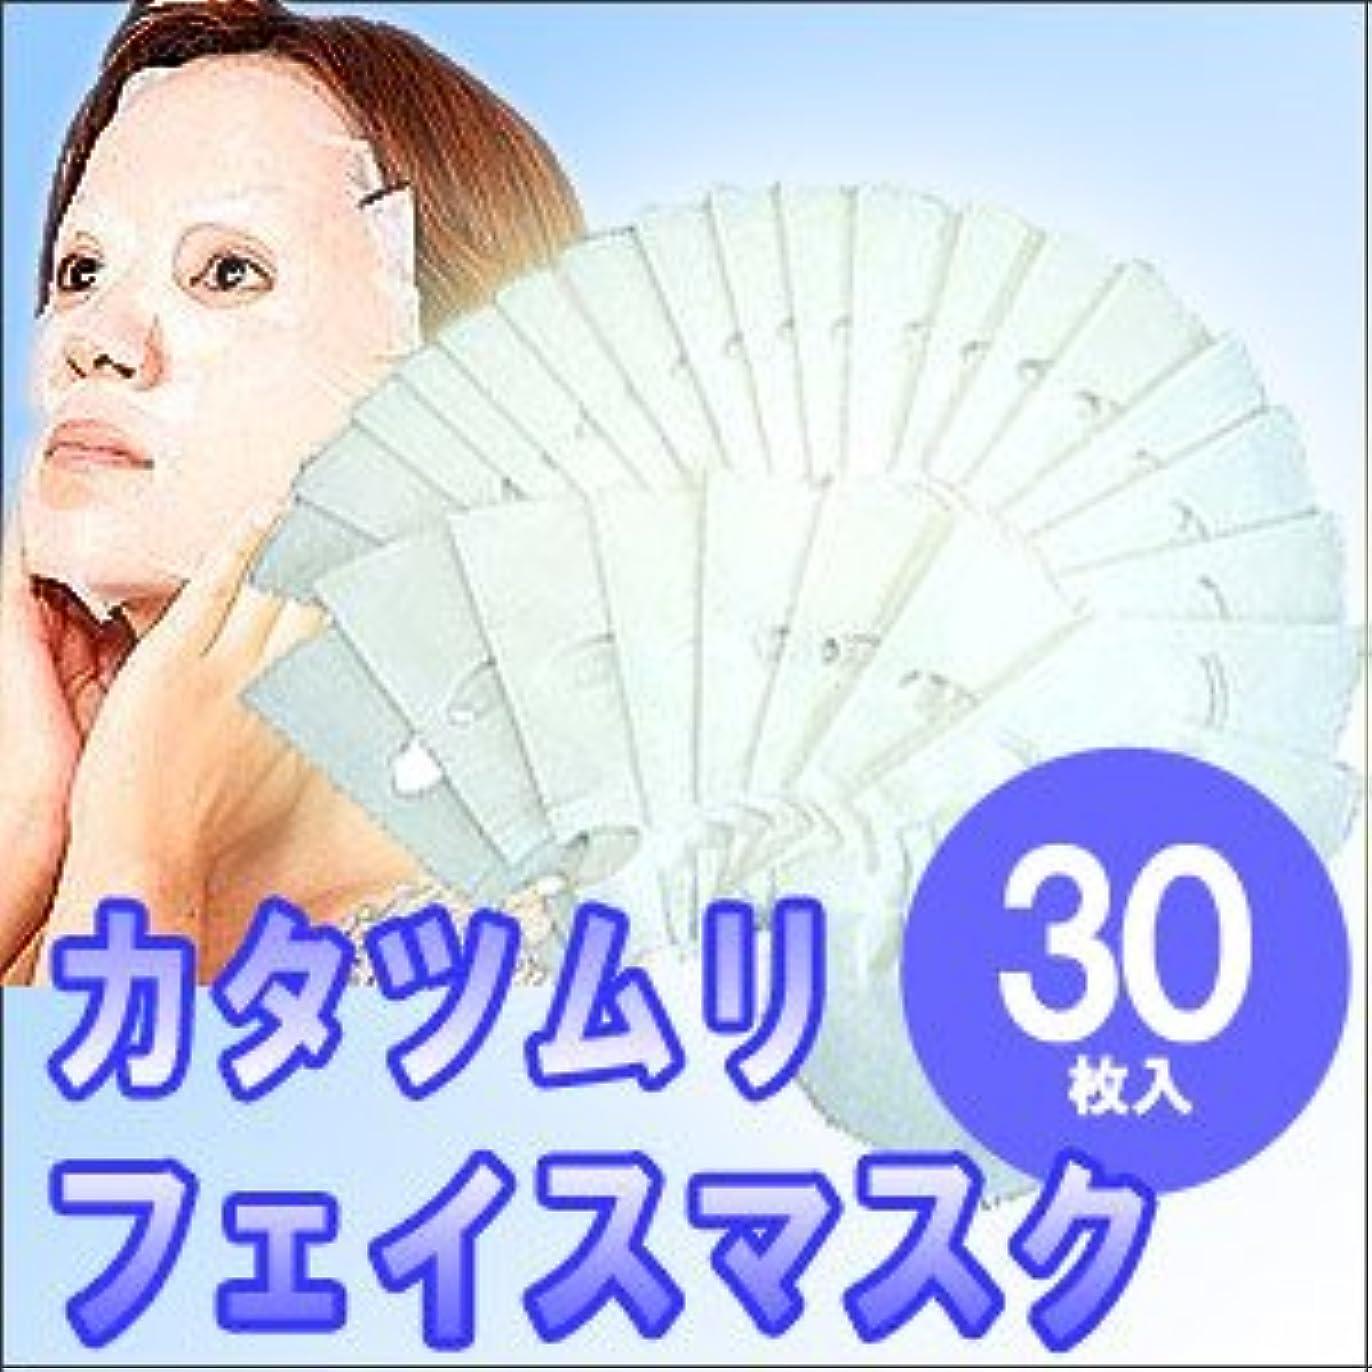 掘るタイルマネージャー【メディアで話題】カタツムリフェイスマスク 30枚入り